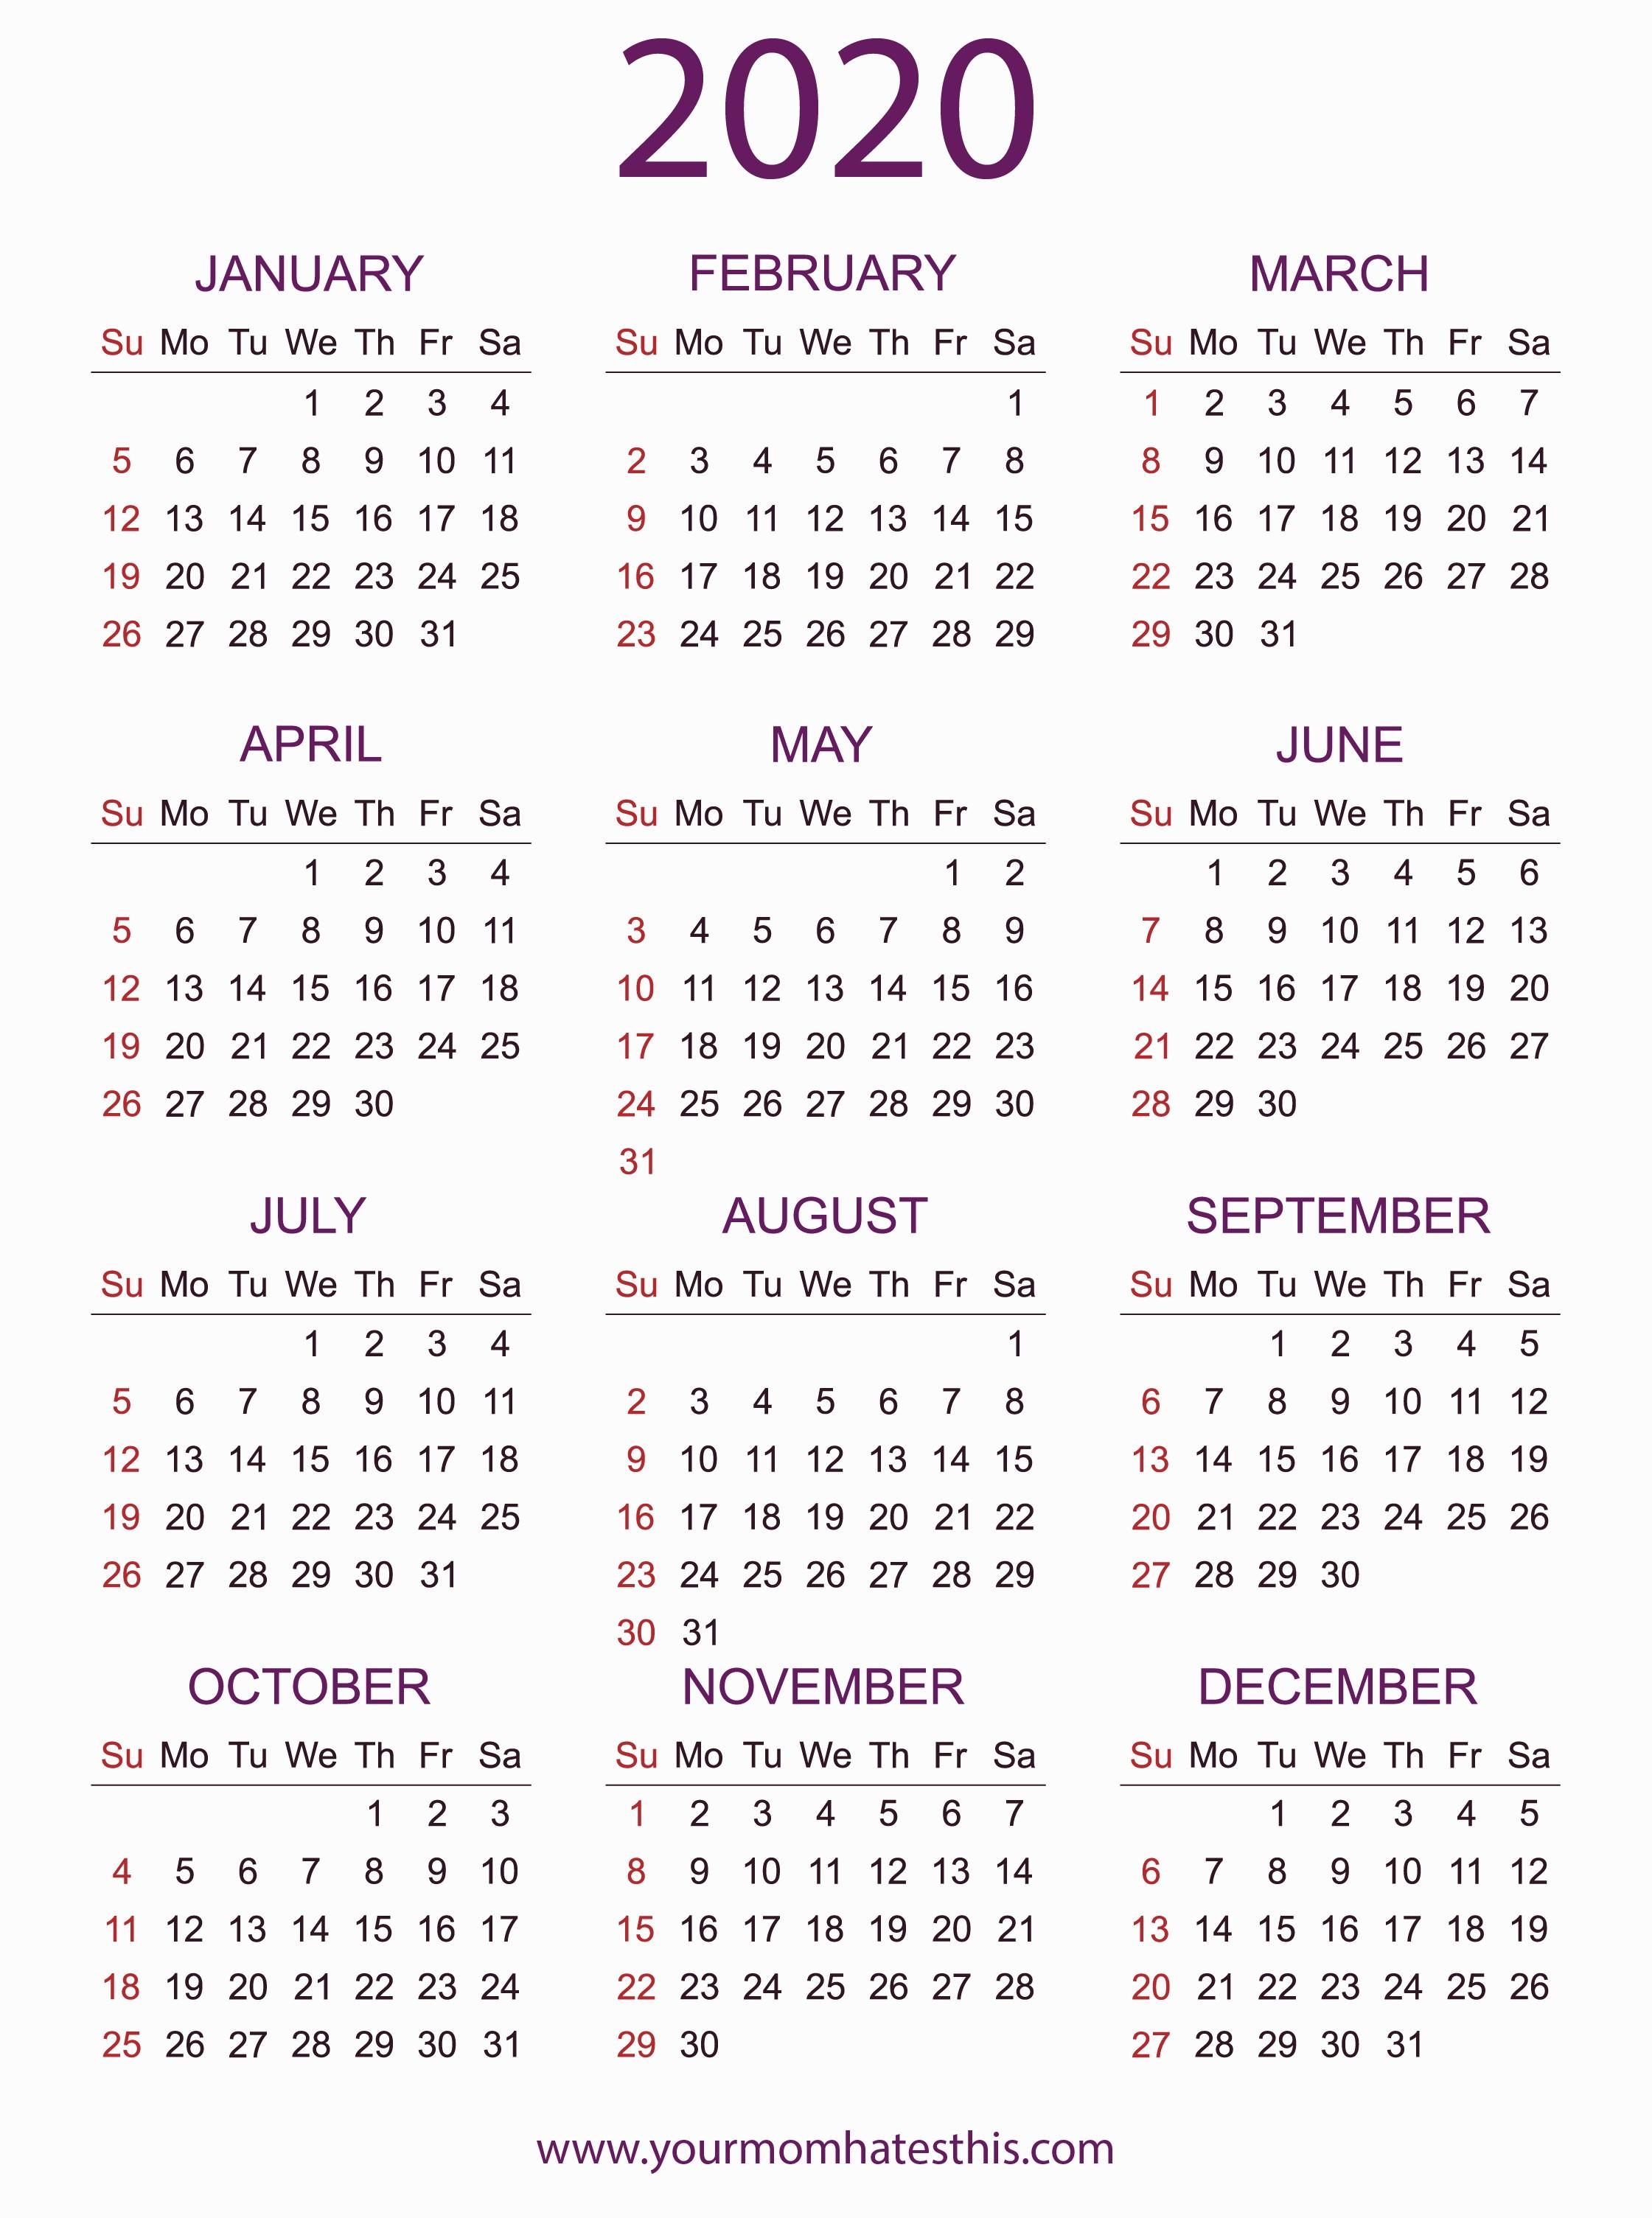 Calendars 2020 Printable 2020 Calendars In Pdf Download Templates Of Calendar 2020